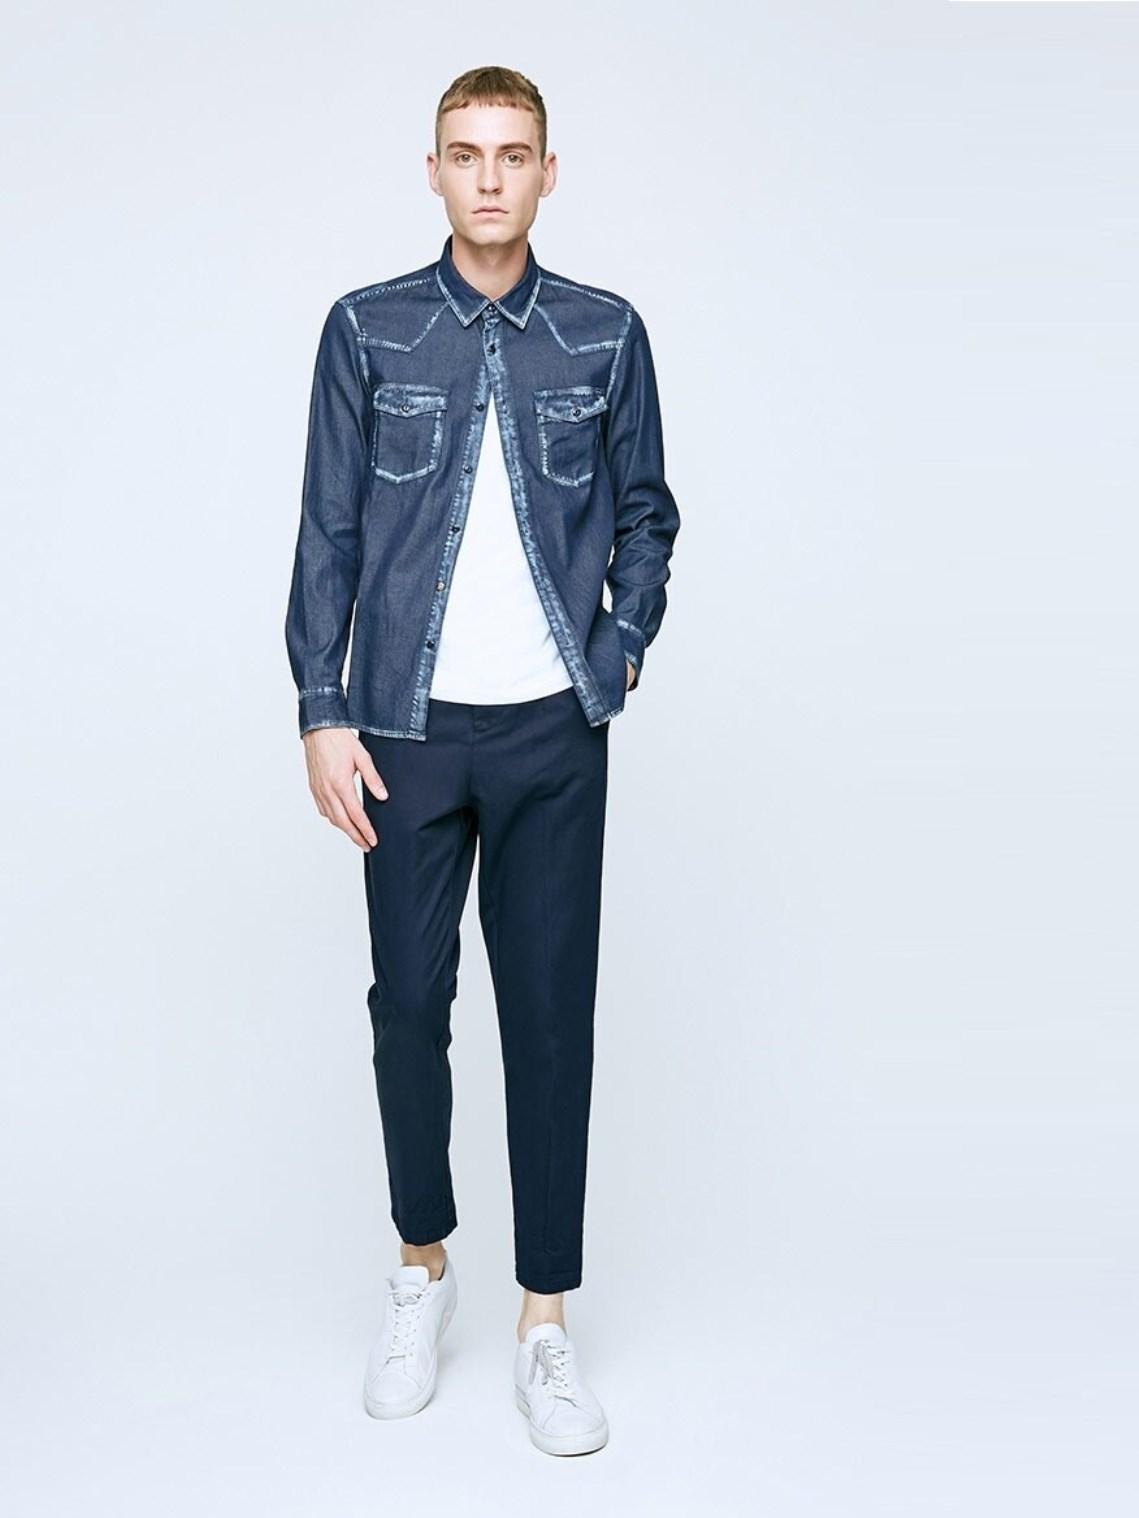 Хлопковая джинсовая рубашка с длинным рукавом Jack & Jones Синий Free Style